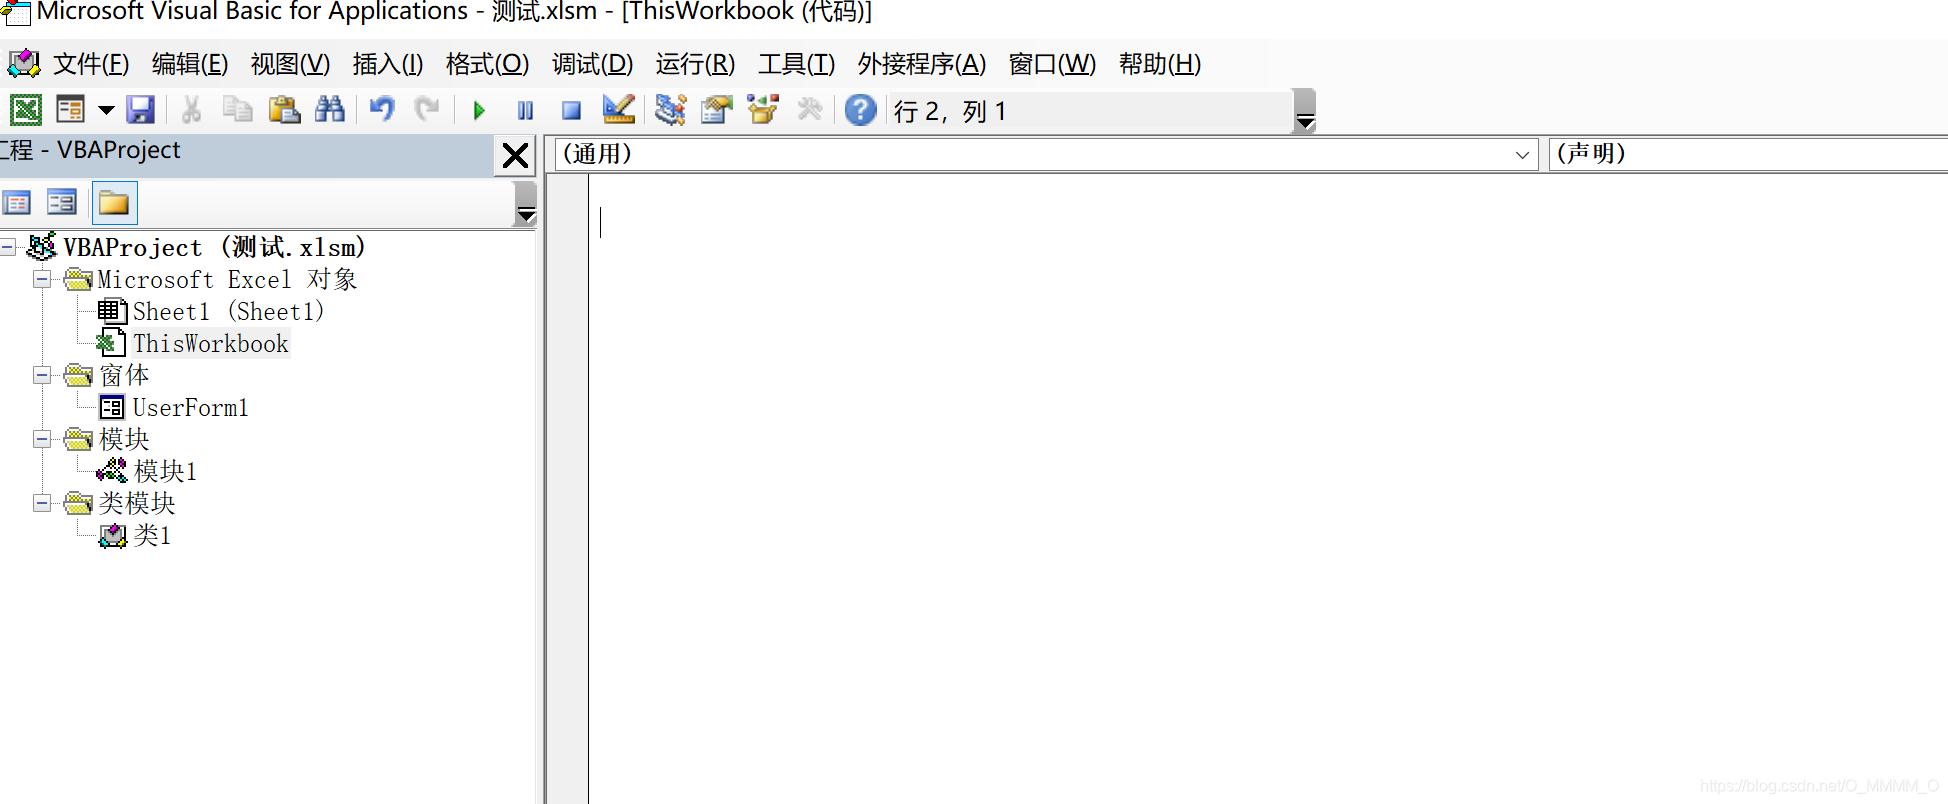 [外链图片转存失败,源站可能有防盗链机制,建议将图片保存下来直接上传(img-ZwXdBfam-1615651551097)(images/VBA基础教程一/image-20210227175708925.png)]